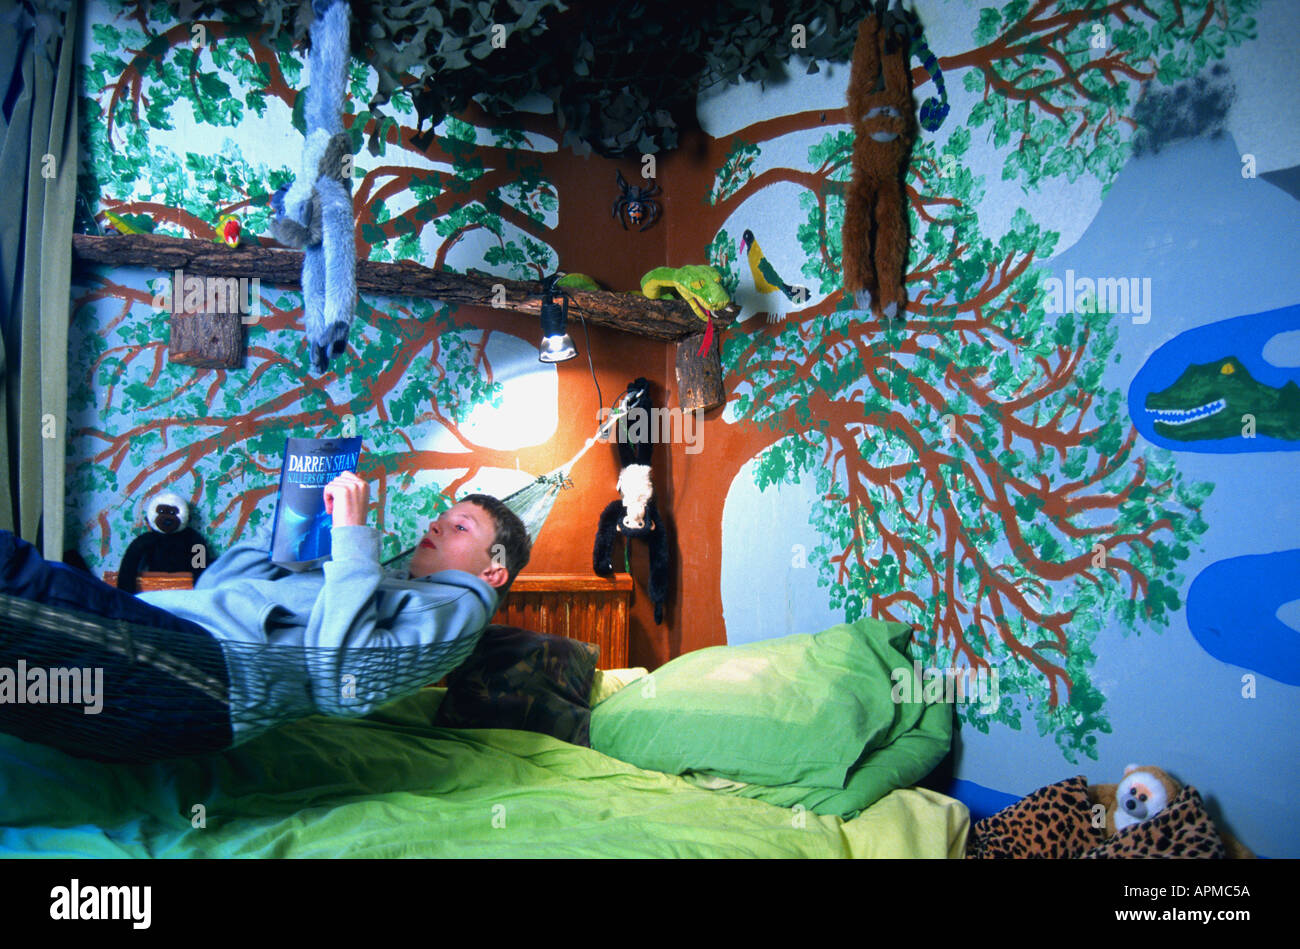 Junge Liest Im Schlafzimmer Eingerichtet Wie Dschungel Fantasy Oscar Hanna Stockfotografie Alamy